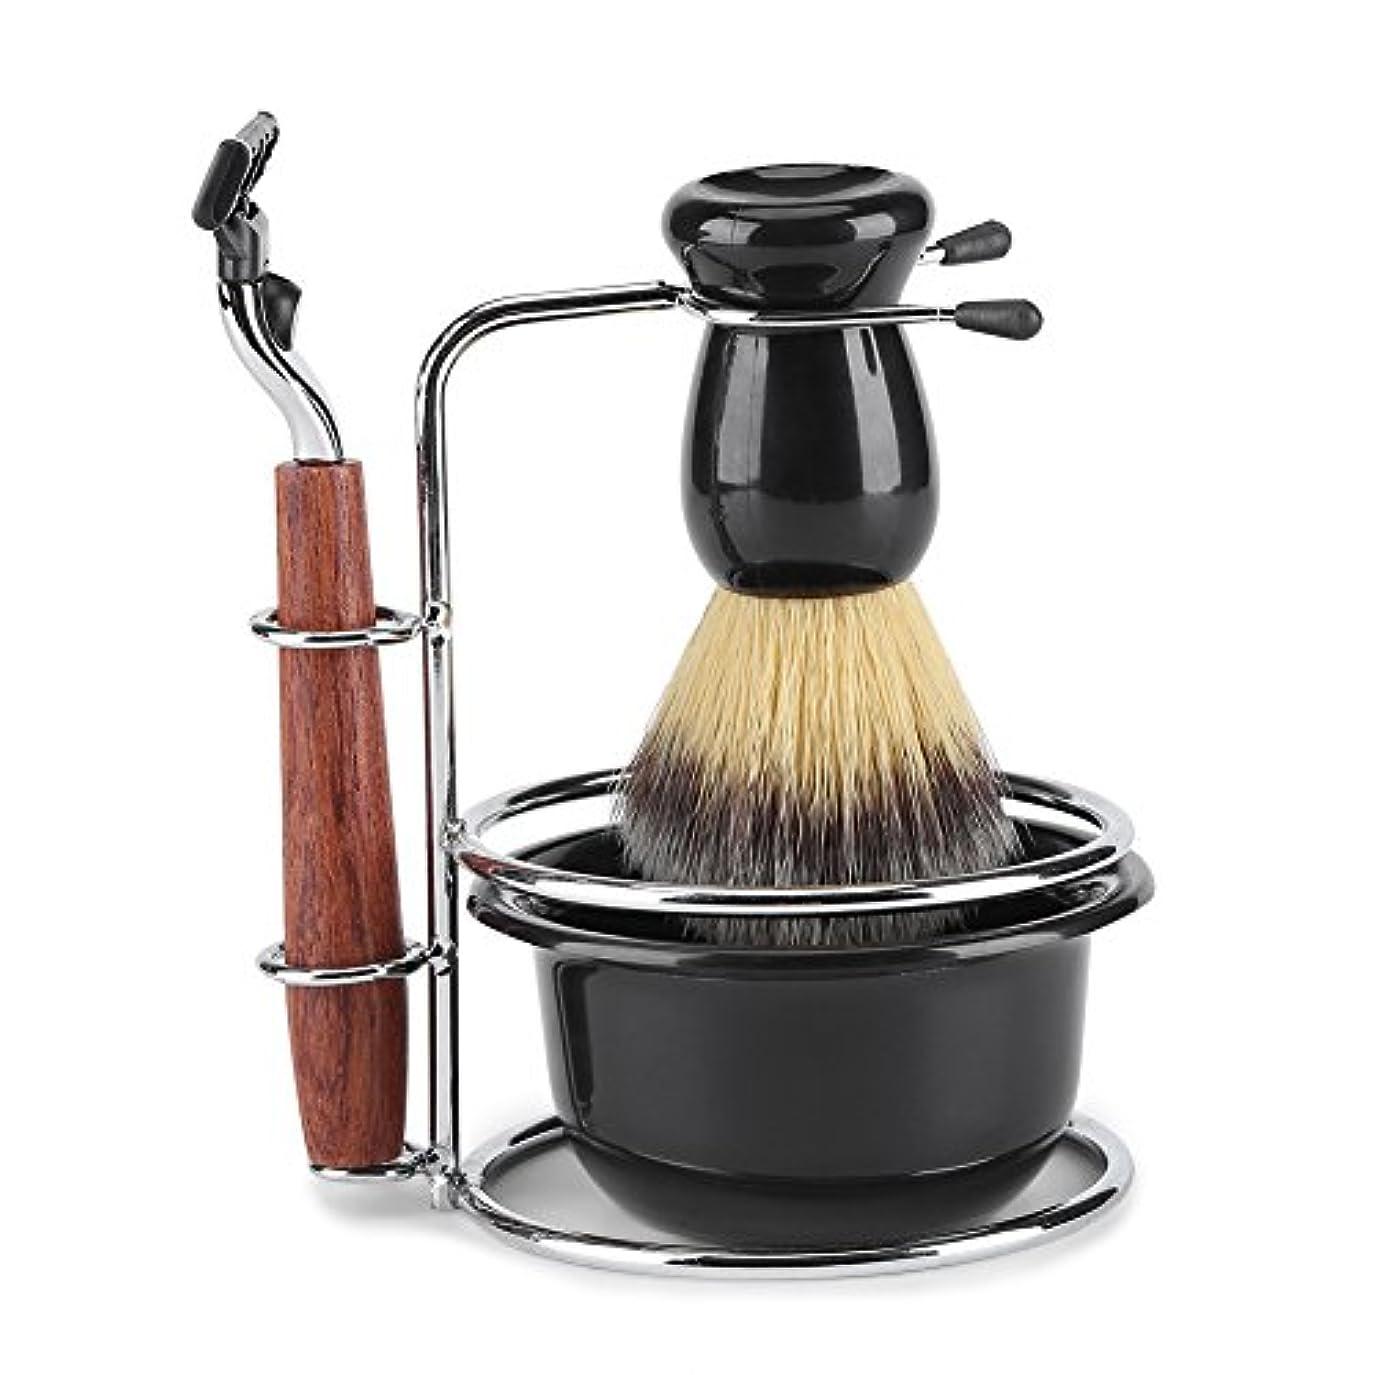 樫の木スツールキウイAcogedor シェービングセット 高級感満々 おしゃれ 魅力で綺麗 実用で便利 メンズ用髭剃り  ヒゲ剃り (剃刀+ステンレススチールホルダー+ブラシ+ボウル)